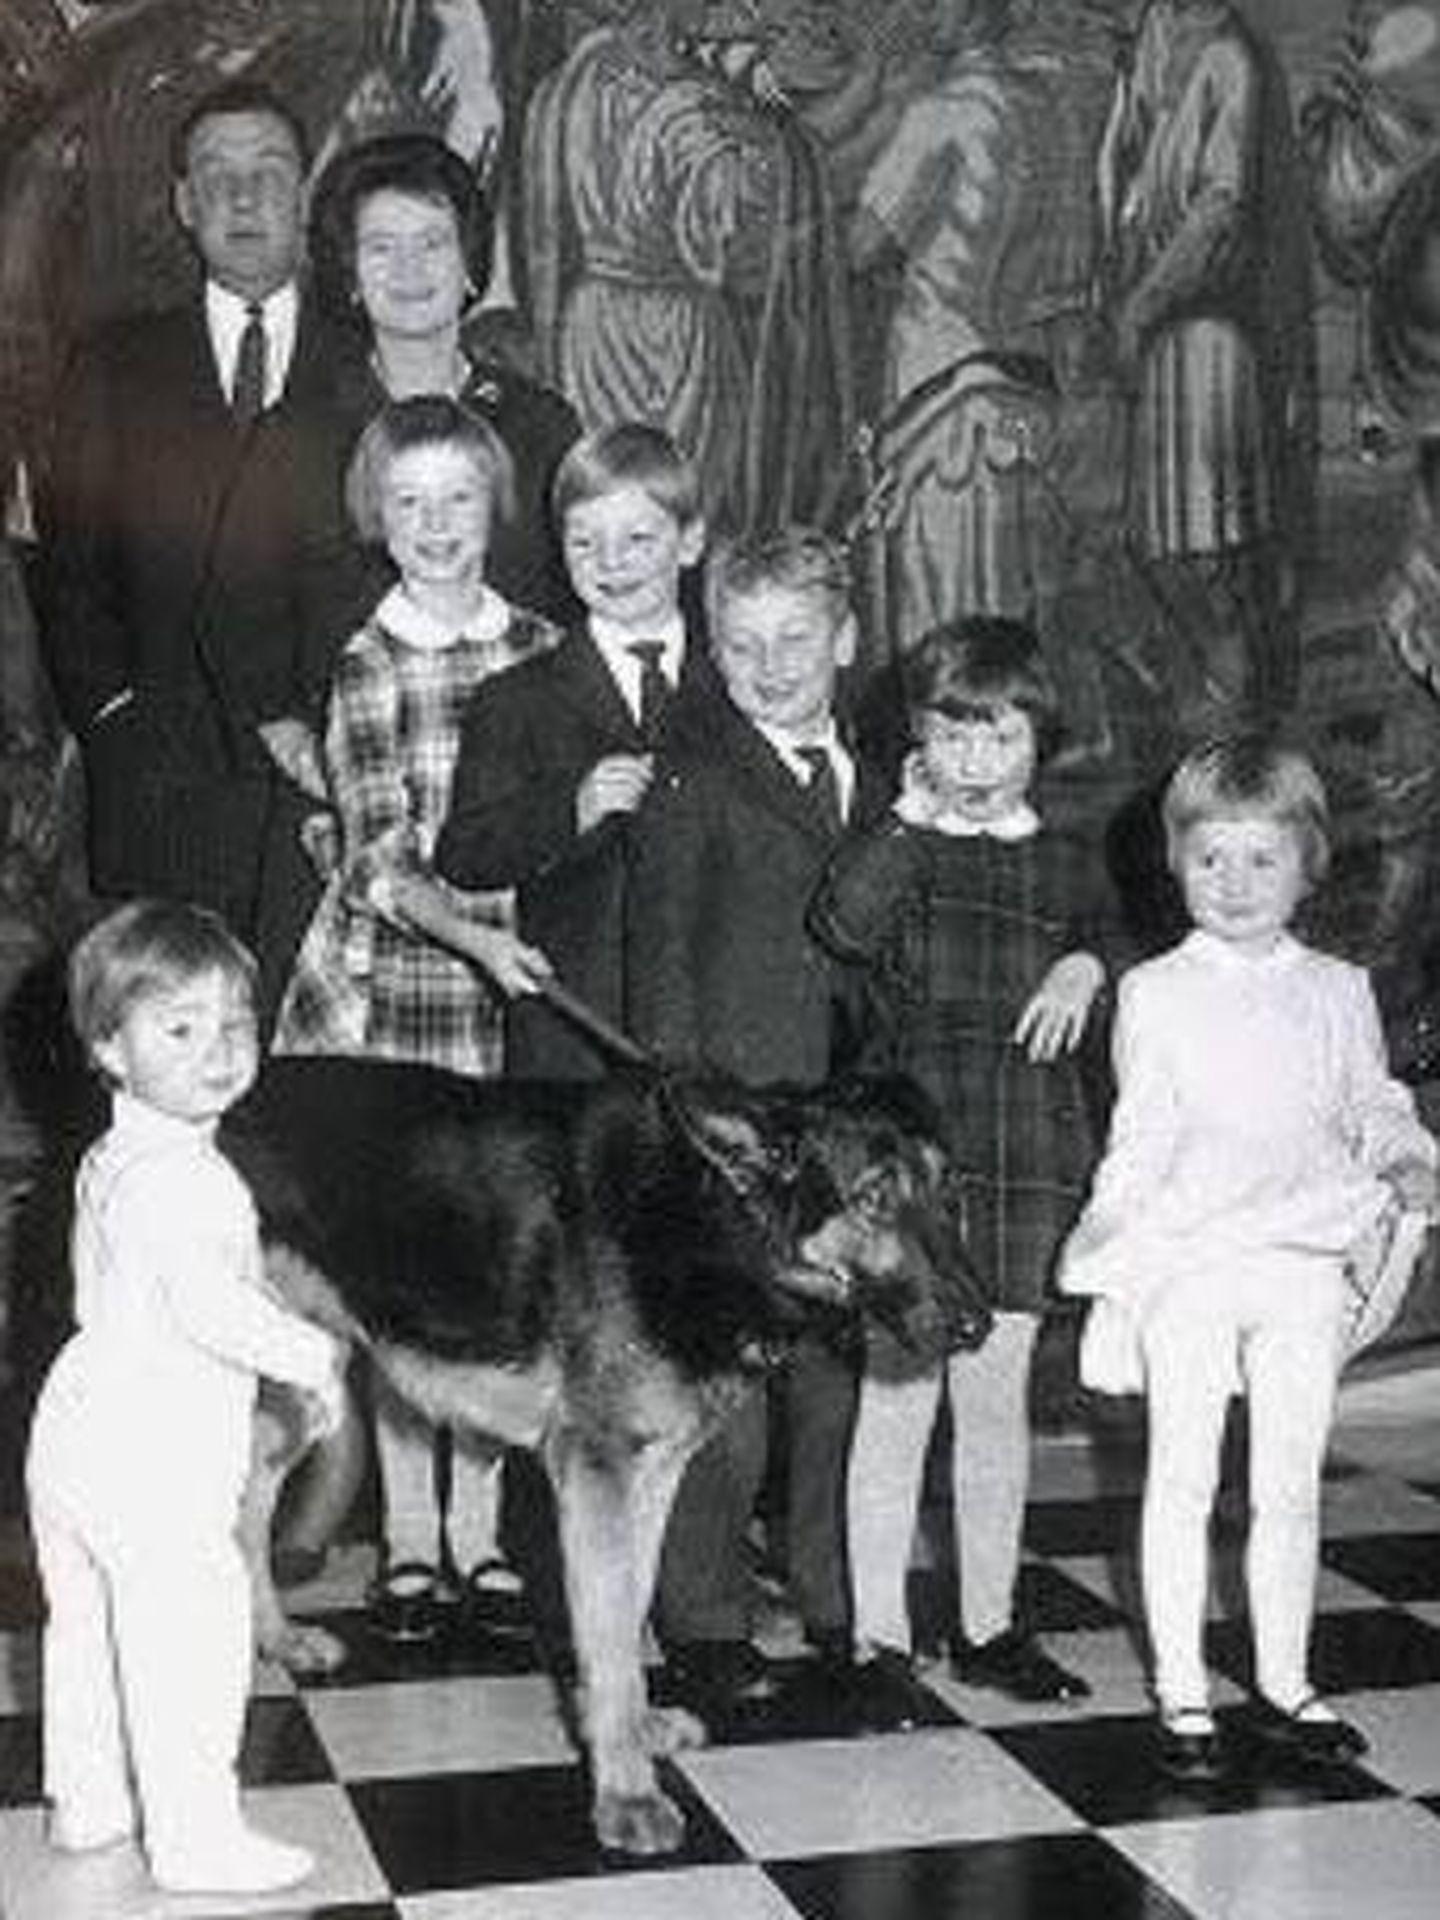 Ernesto Augusto y Ostrud, con sus hijos. (Welfenbund)